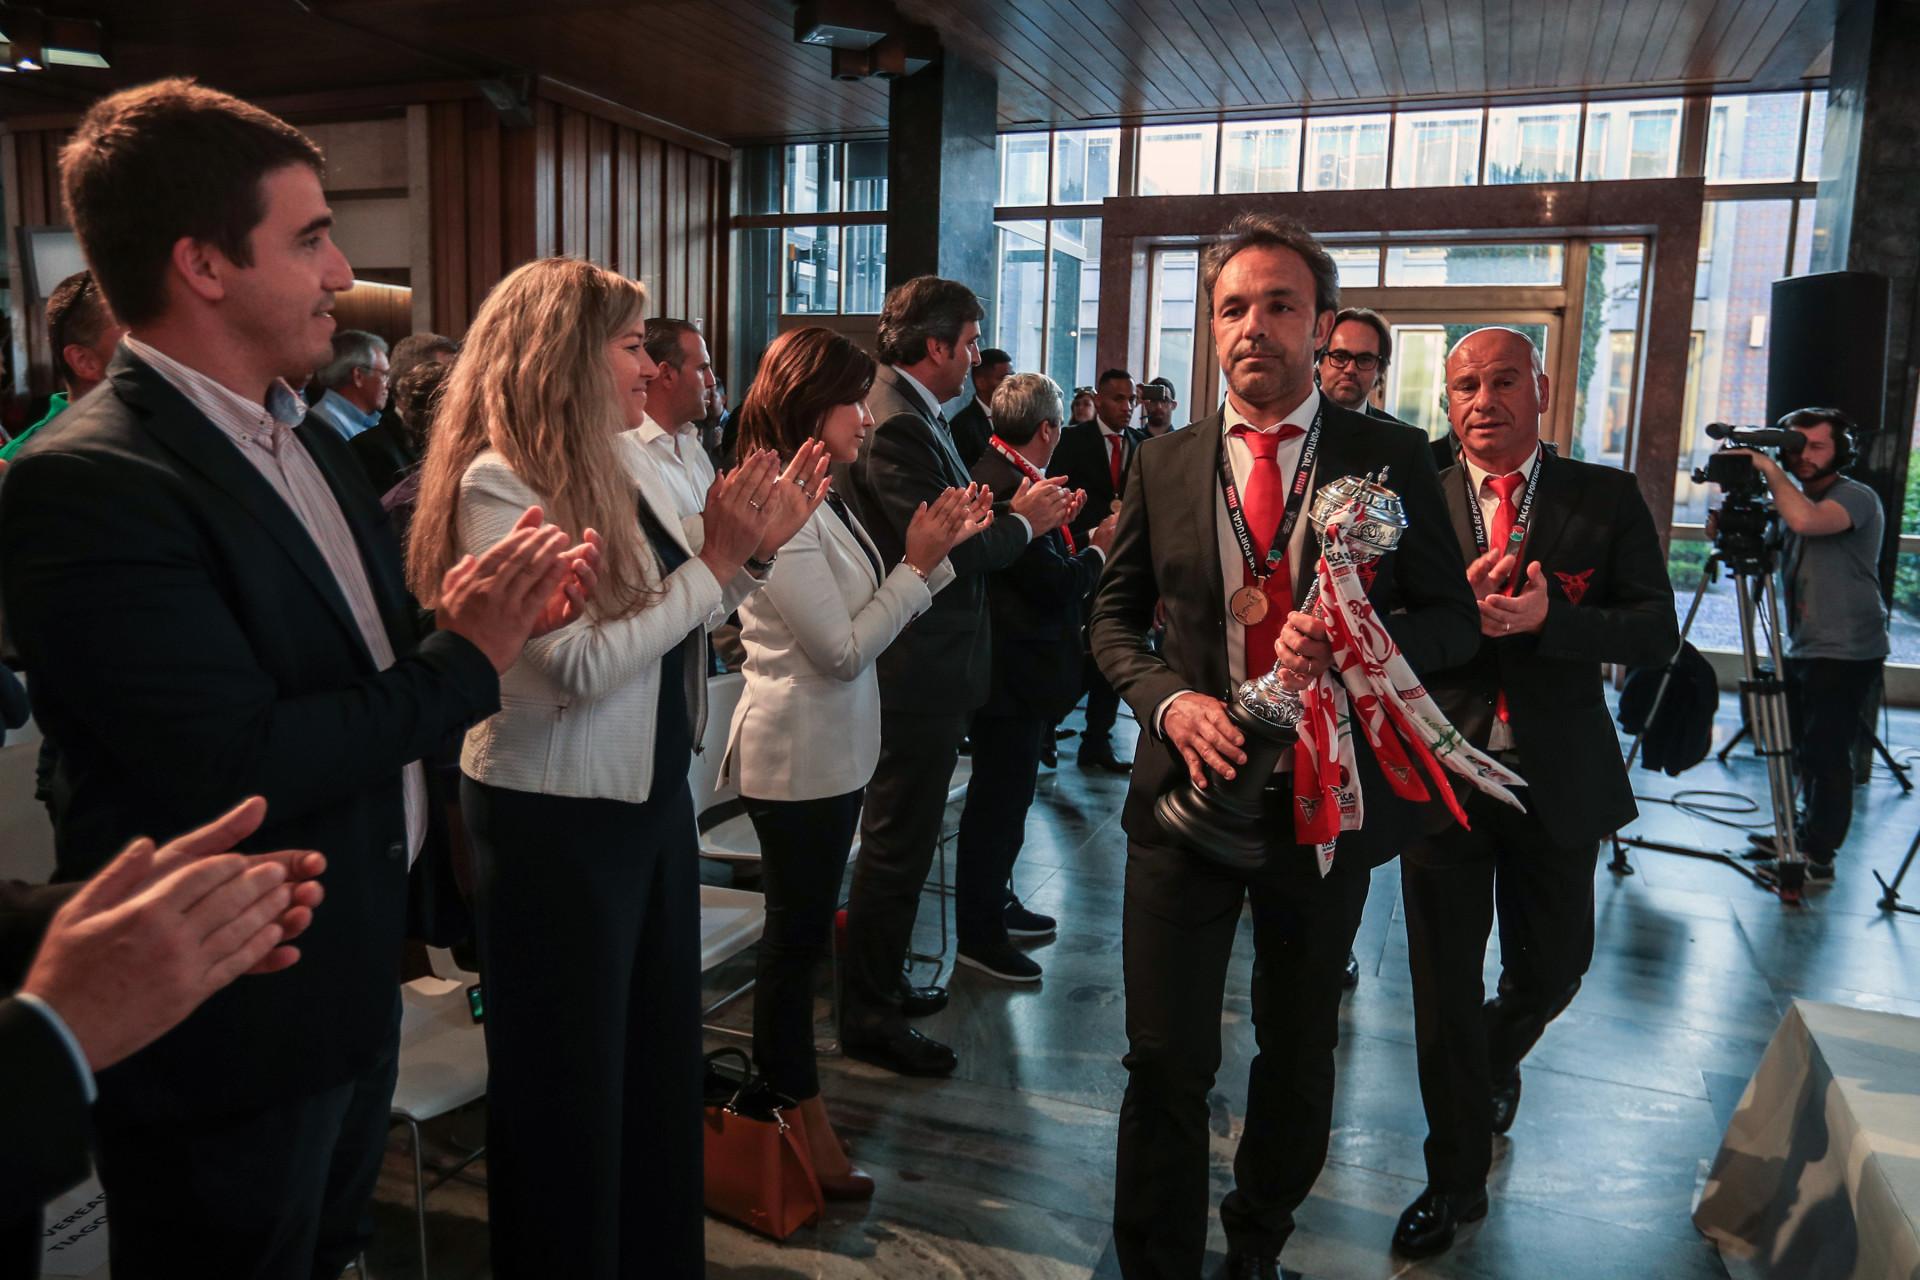 A festa do Aves também passou pela Câmara Municipal de Santo Tirso